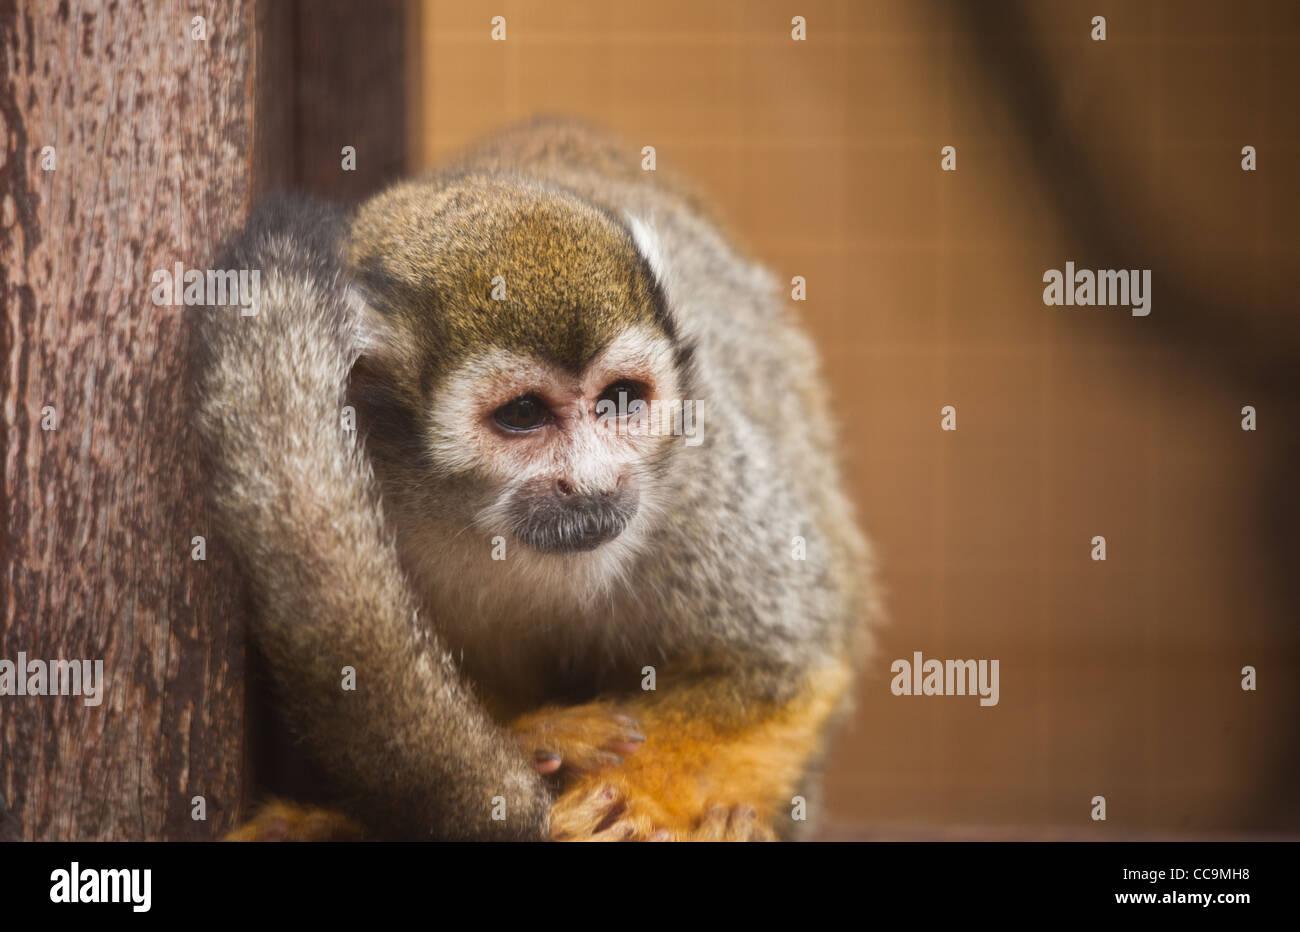 Triste à la singe écureuil en captivité dans un zoo Banque D'Images